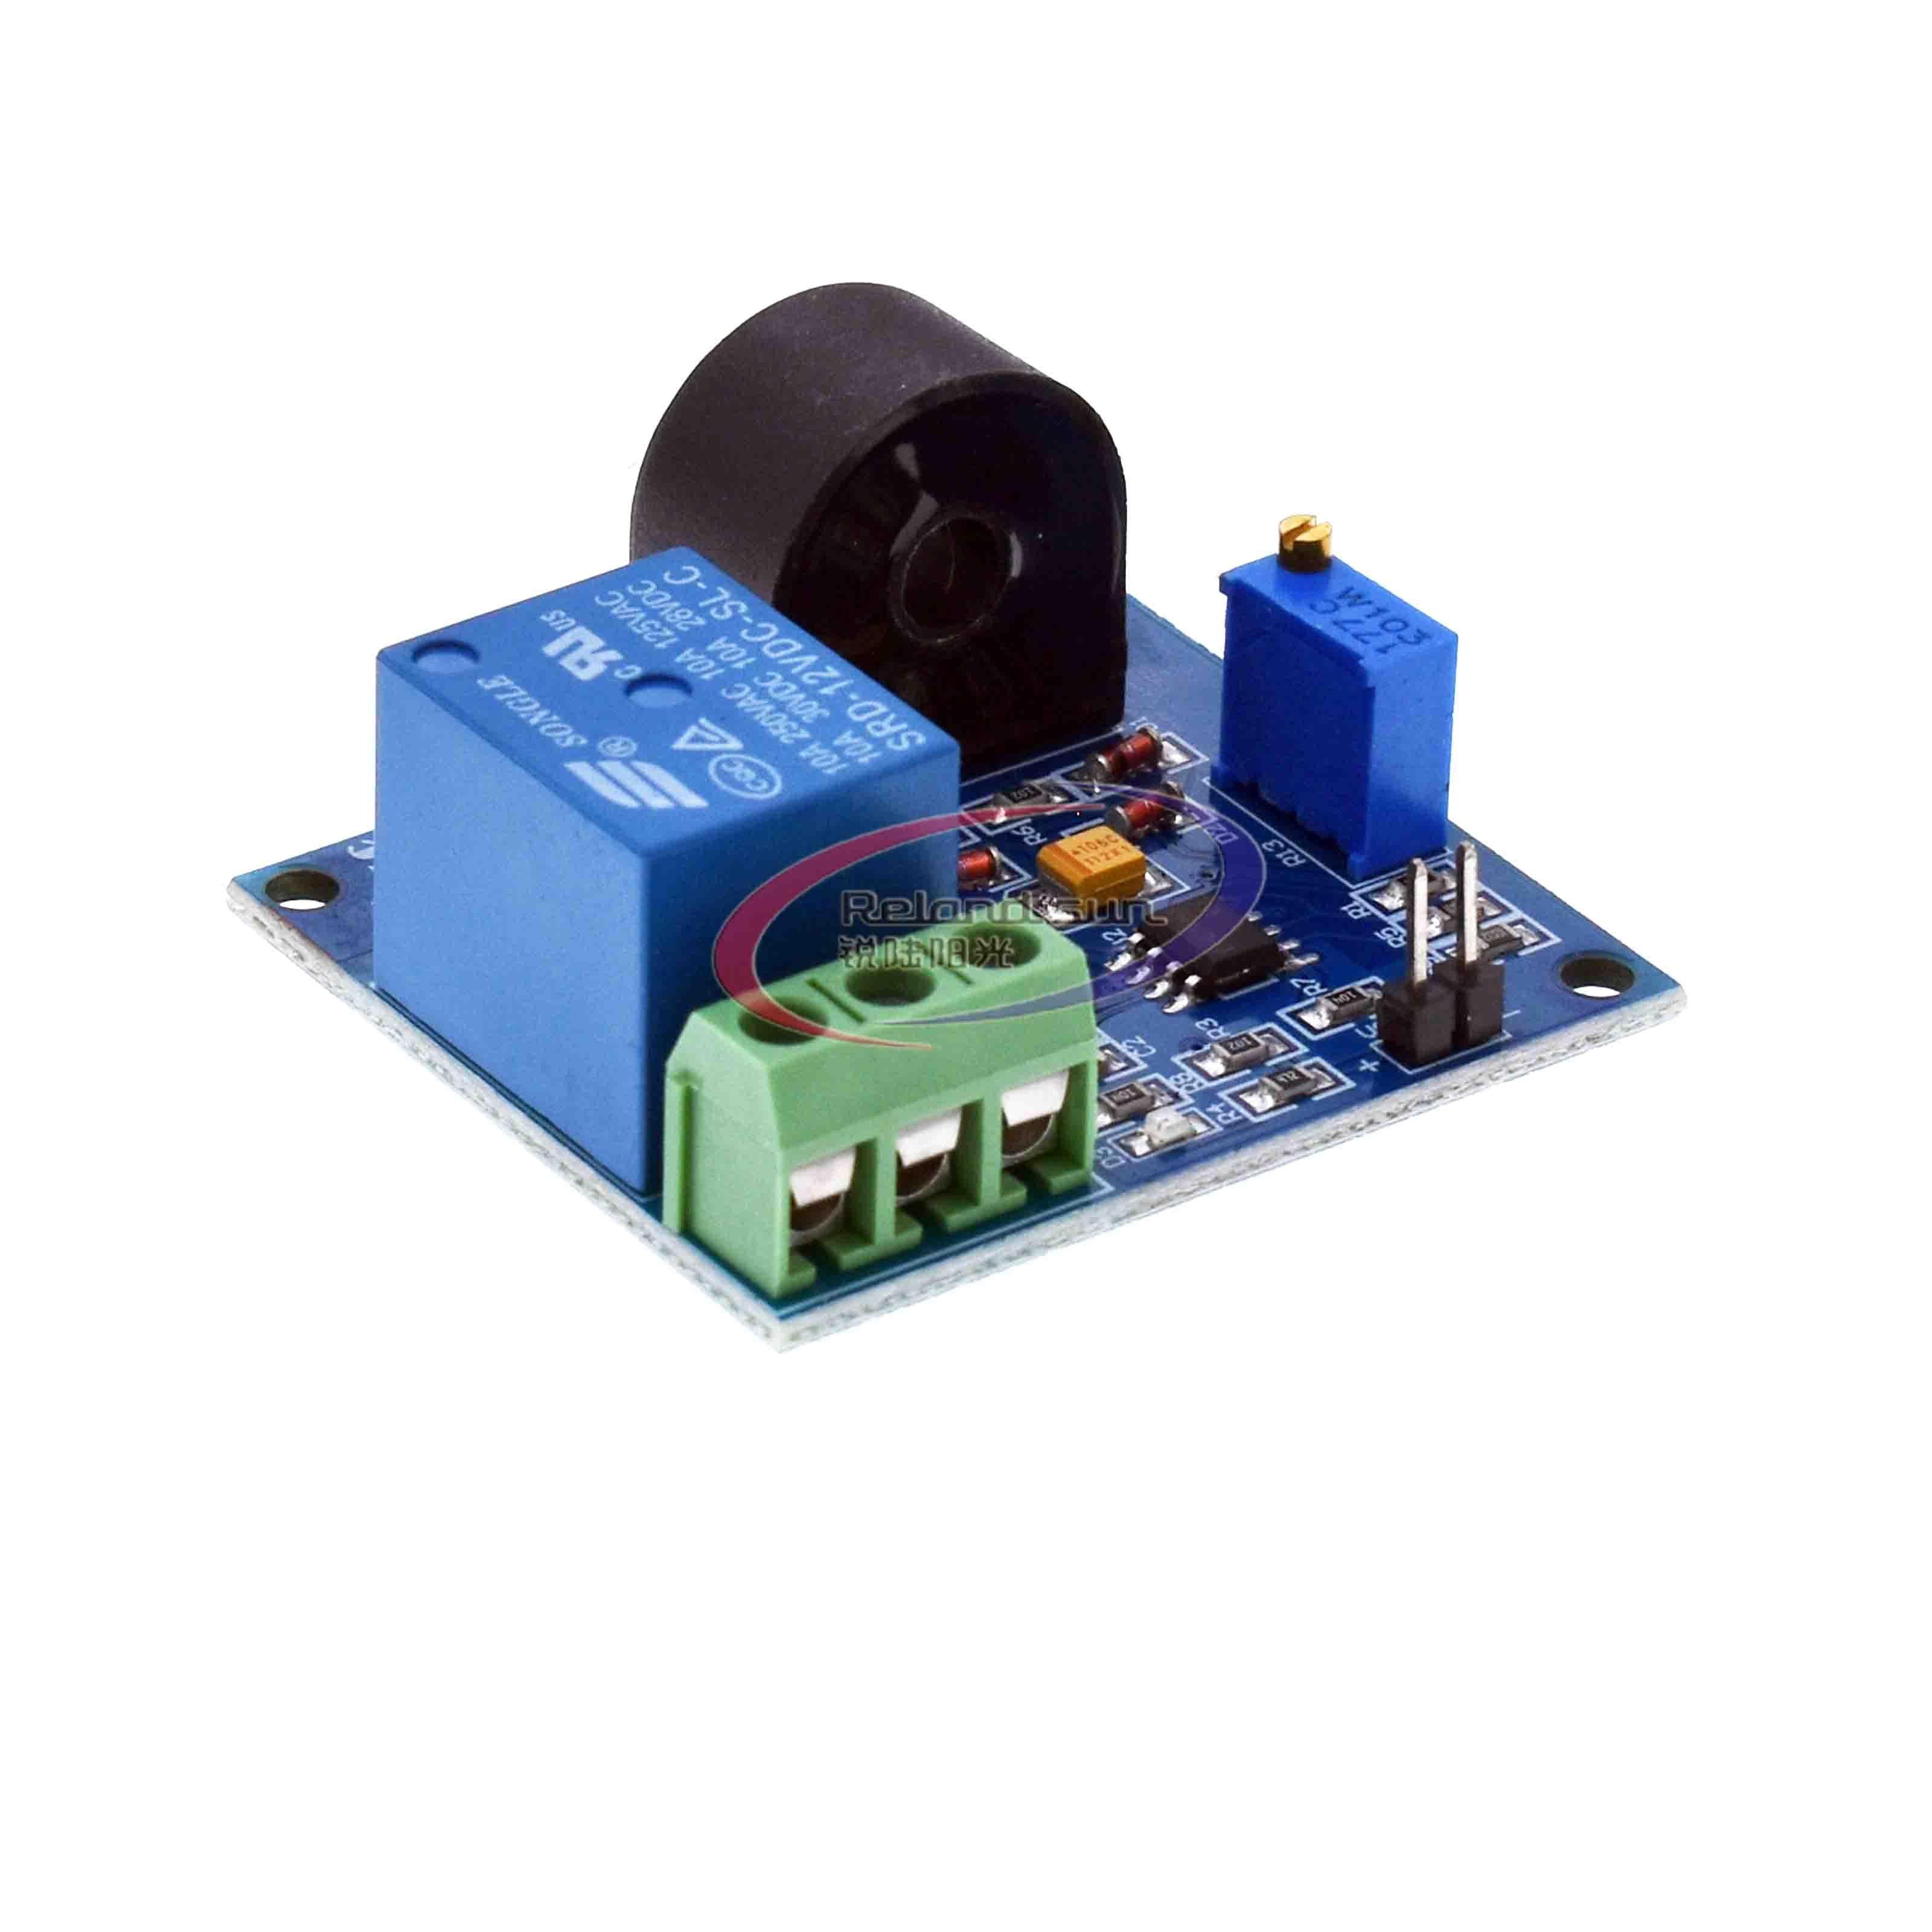 Релейный модуль 5A для защиты от перегрузки по току, датчик с платой обнаружения переменного тока, реле 24 В/12 В/5 В